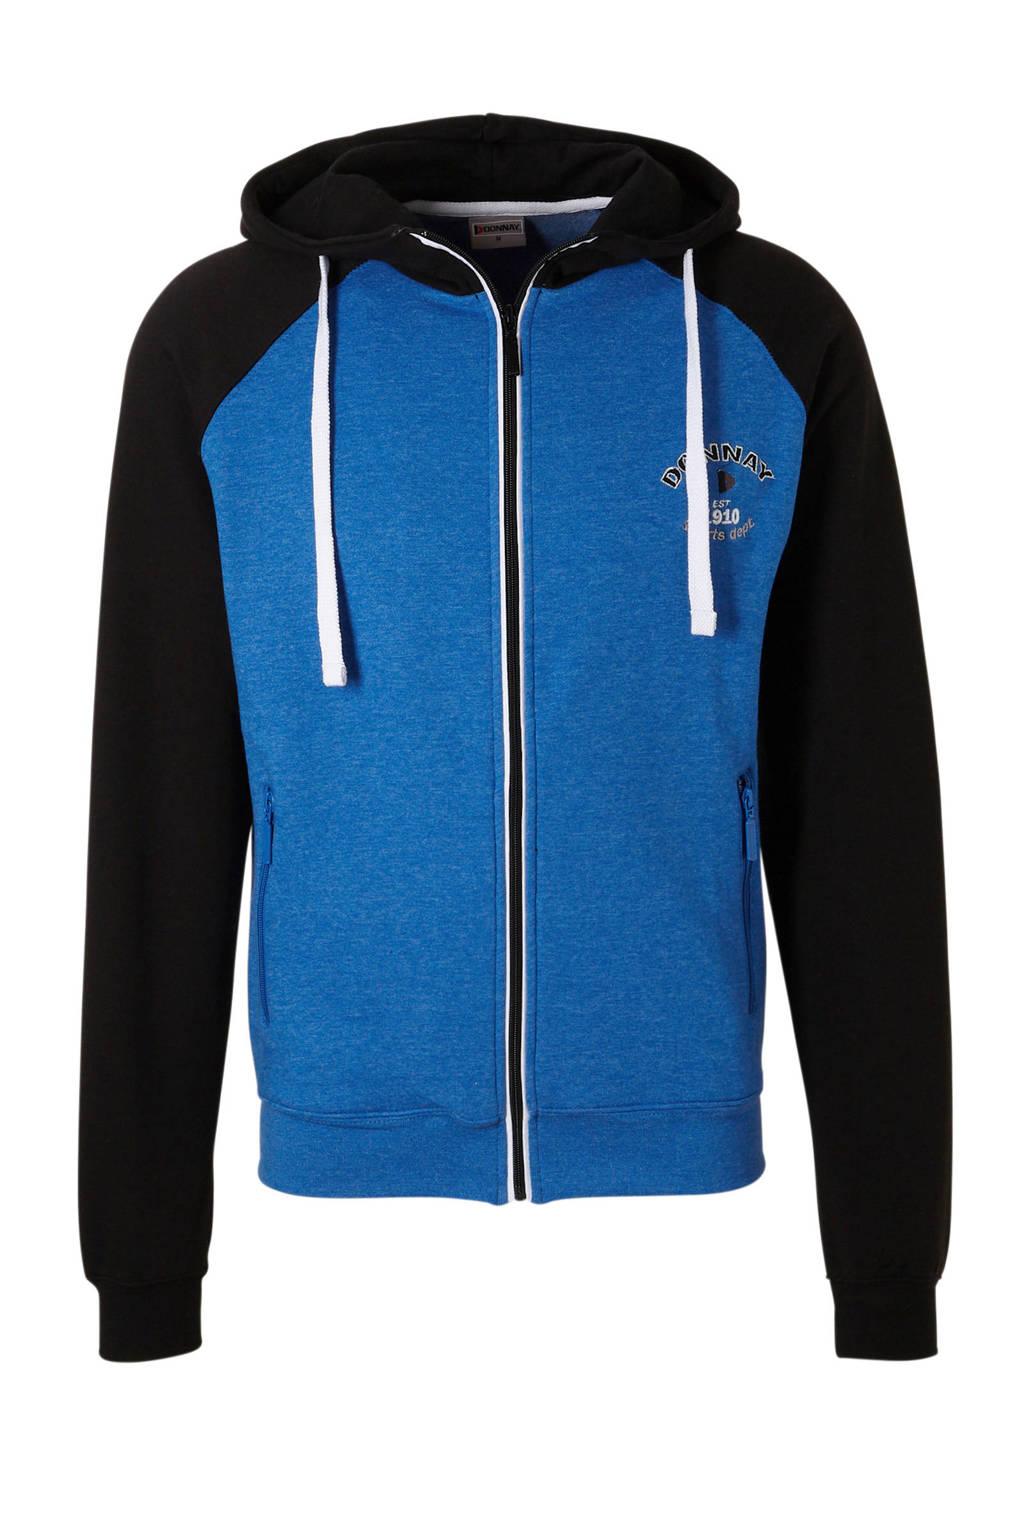 Donnay   sportvest blauw/zwart, Blauw/zwart